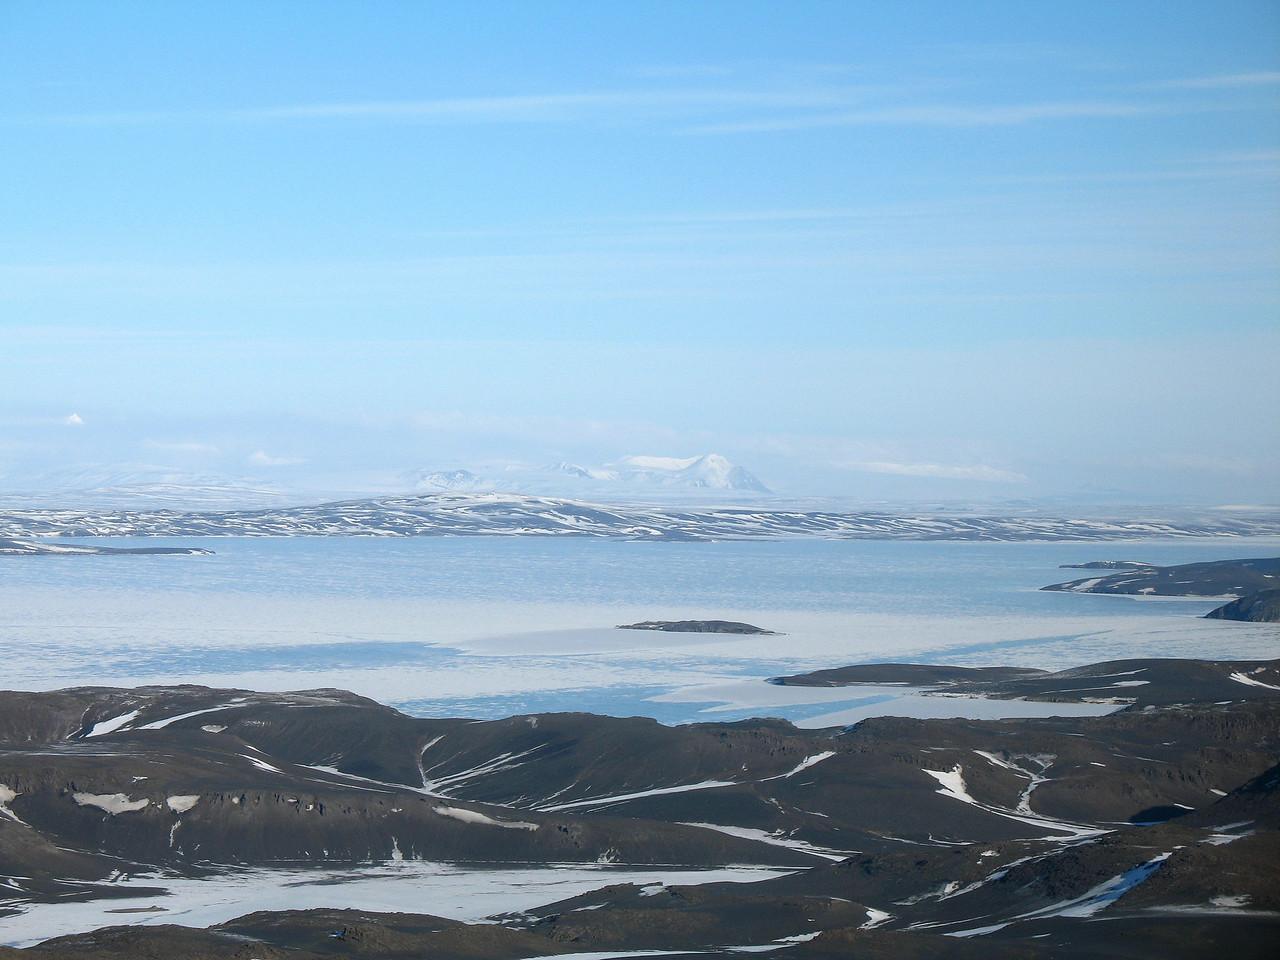 Útsýnið af toppnum - í hánorður sést Arnarfell hið mikla í Hofsjökli.